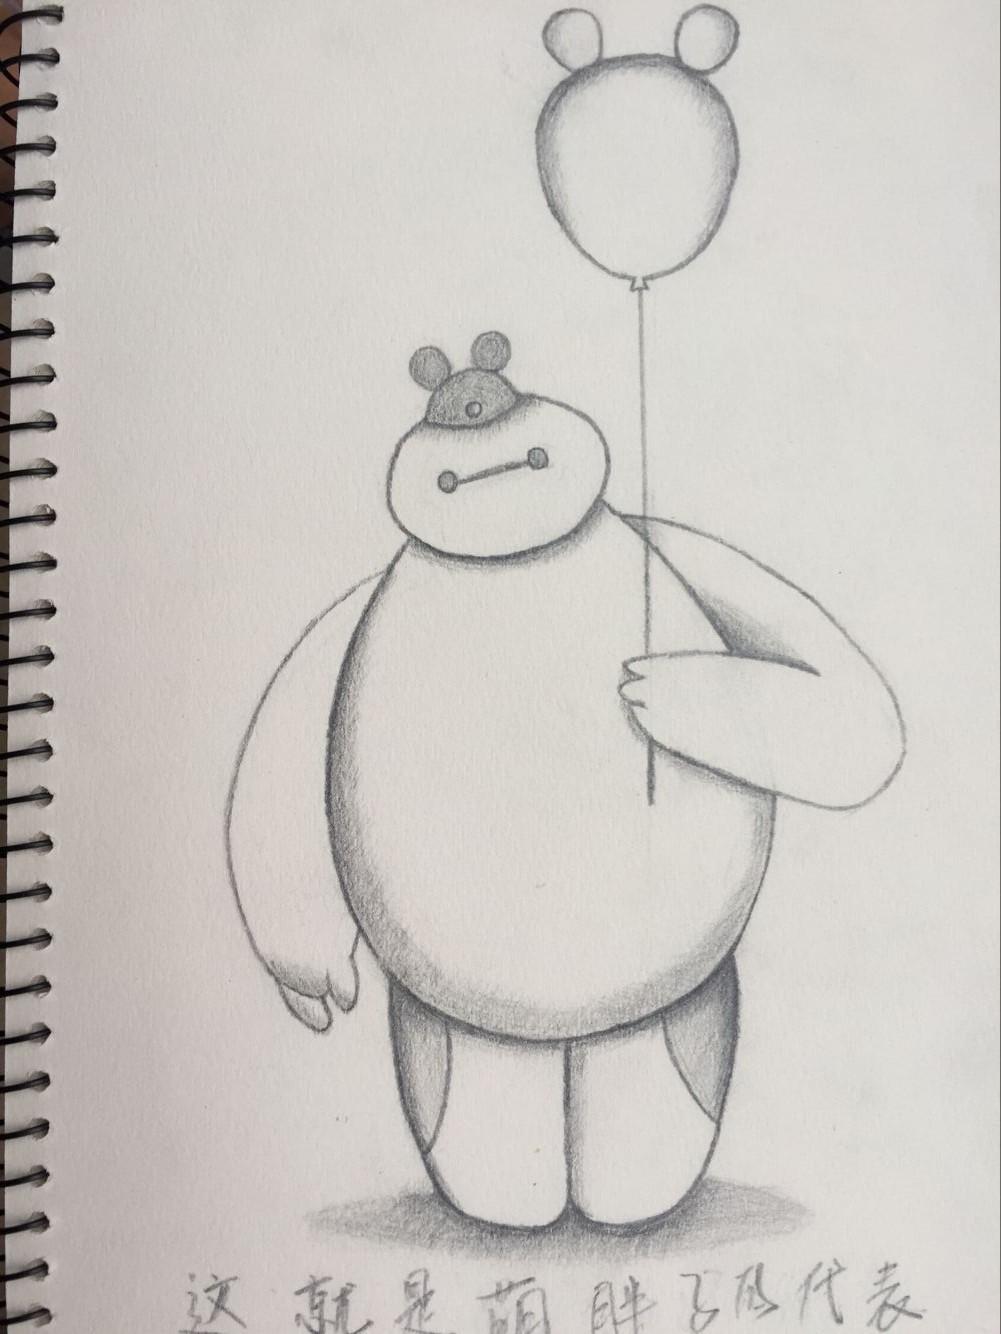 卡通人物线稿素描|插画|商业插画|兔小希 - 原创作品